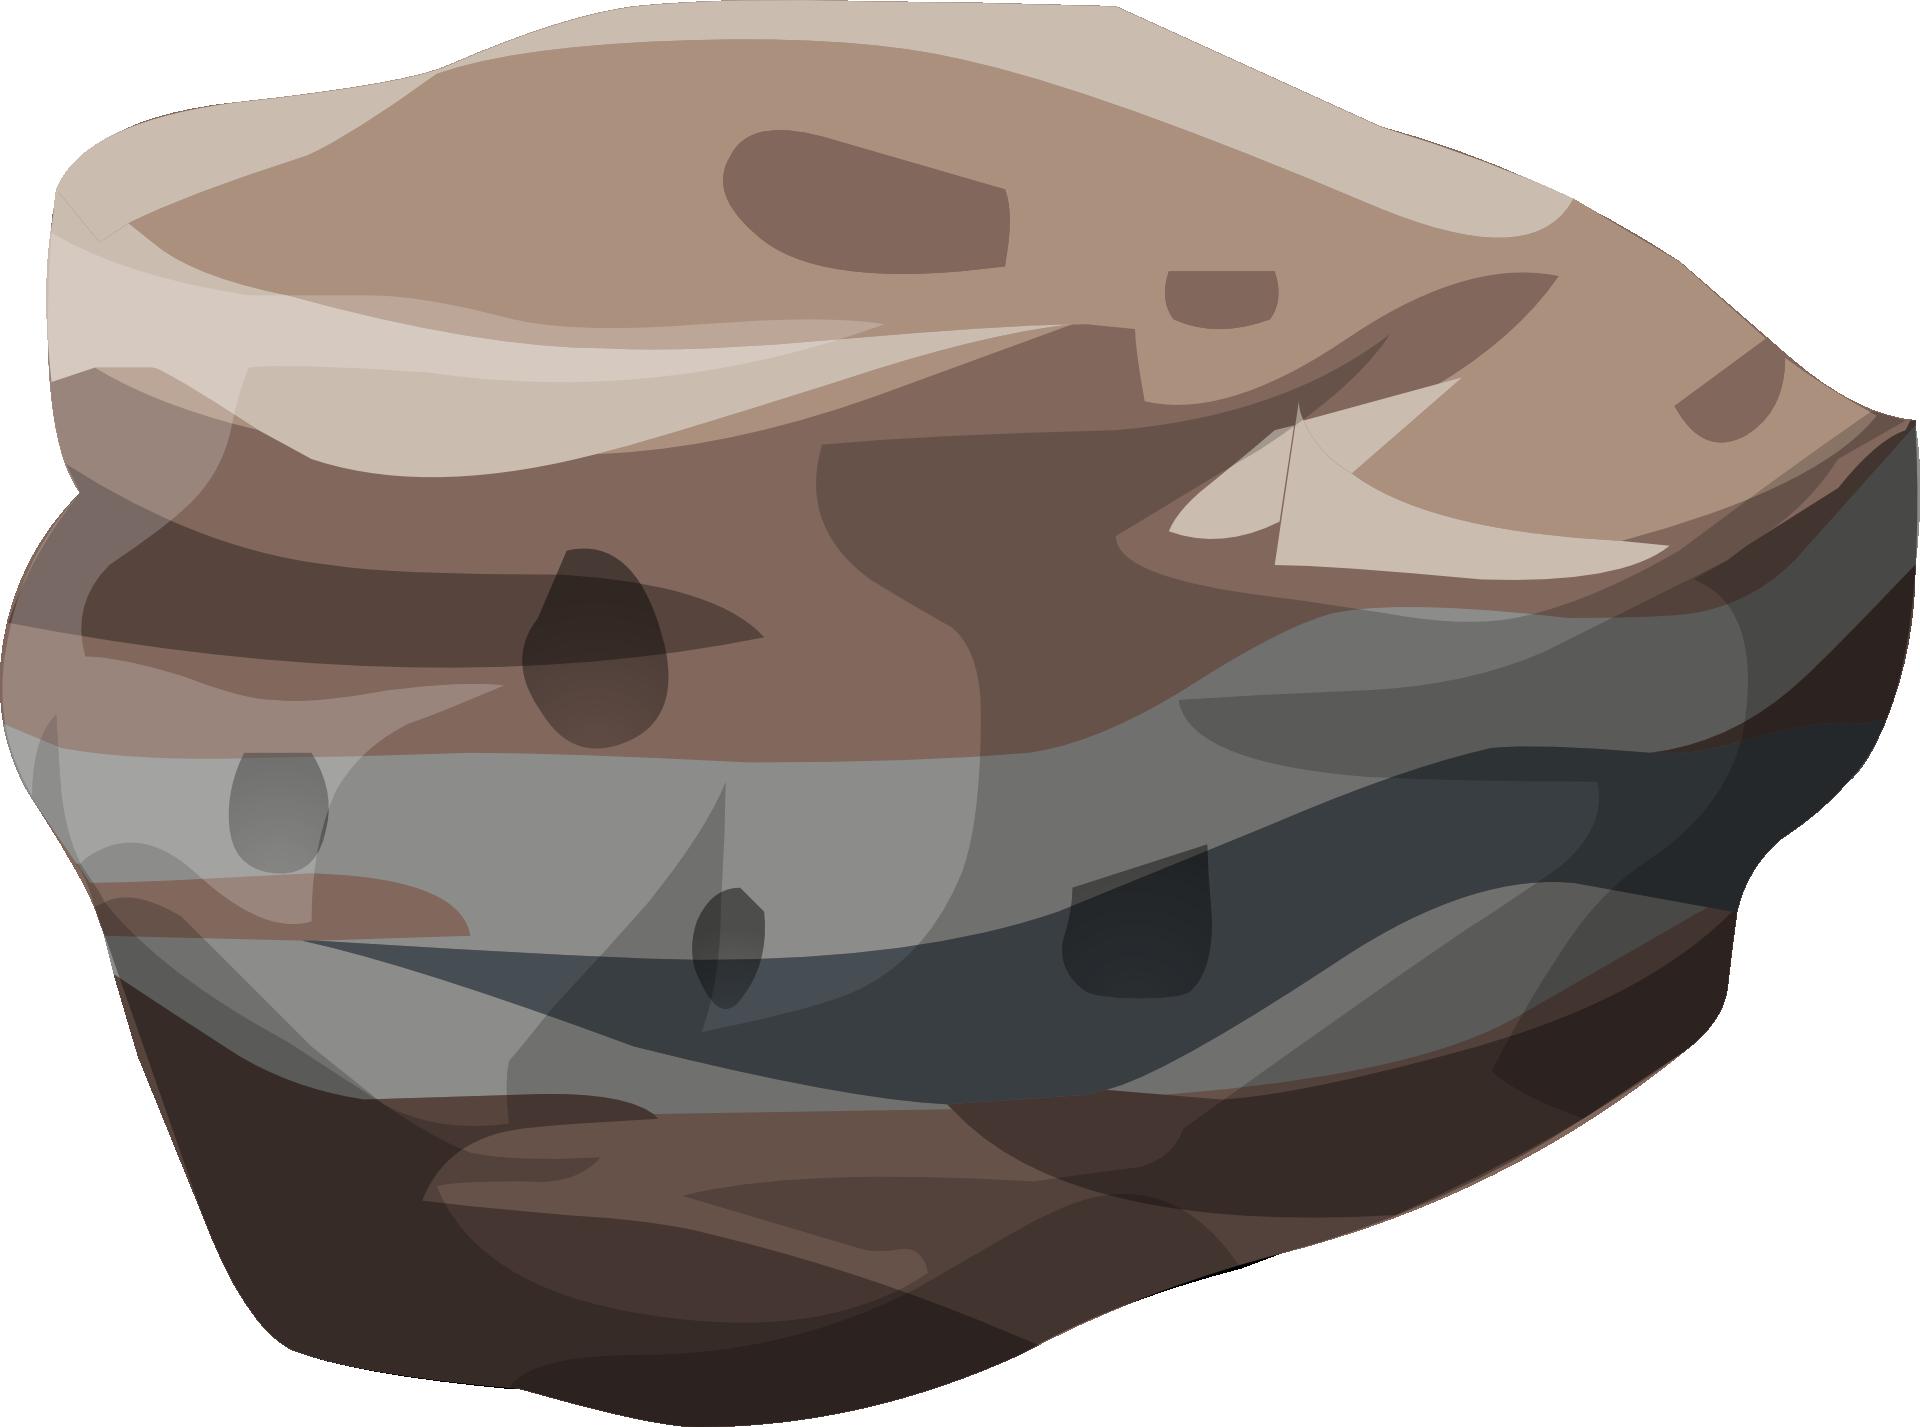 Clipart rock sedimentary rock. Clip art transprent png